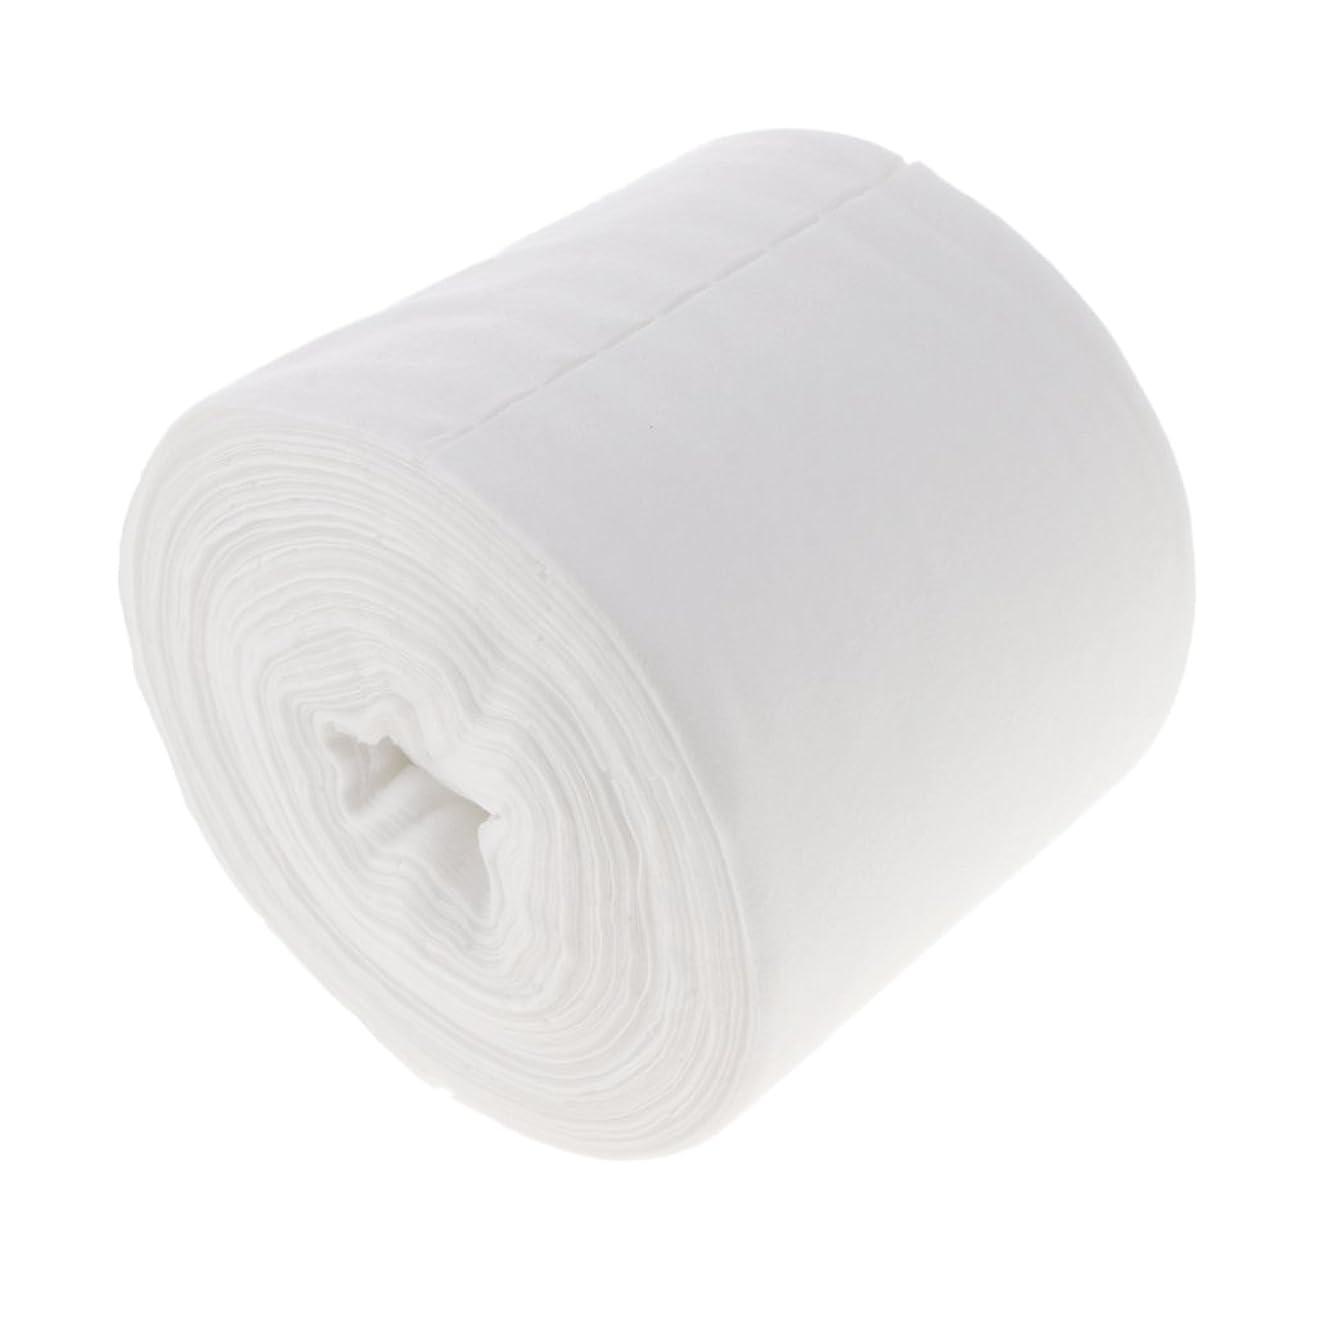 カロリーみがきますなぜB Blesiya 洗顔 クリーニング タオル 使い捨て 顔用タオル 便利 旅行 来客用